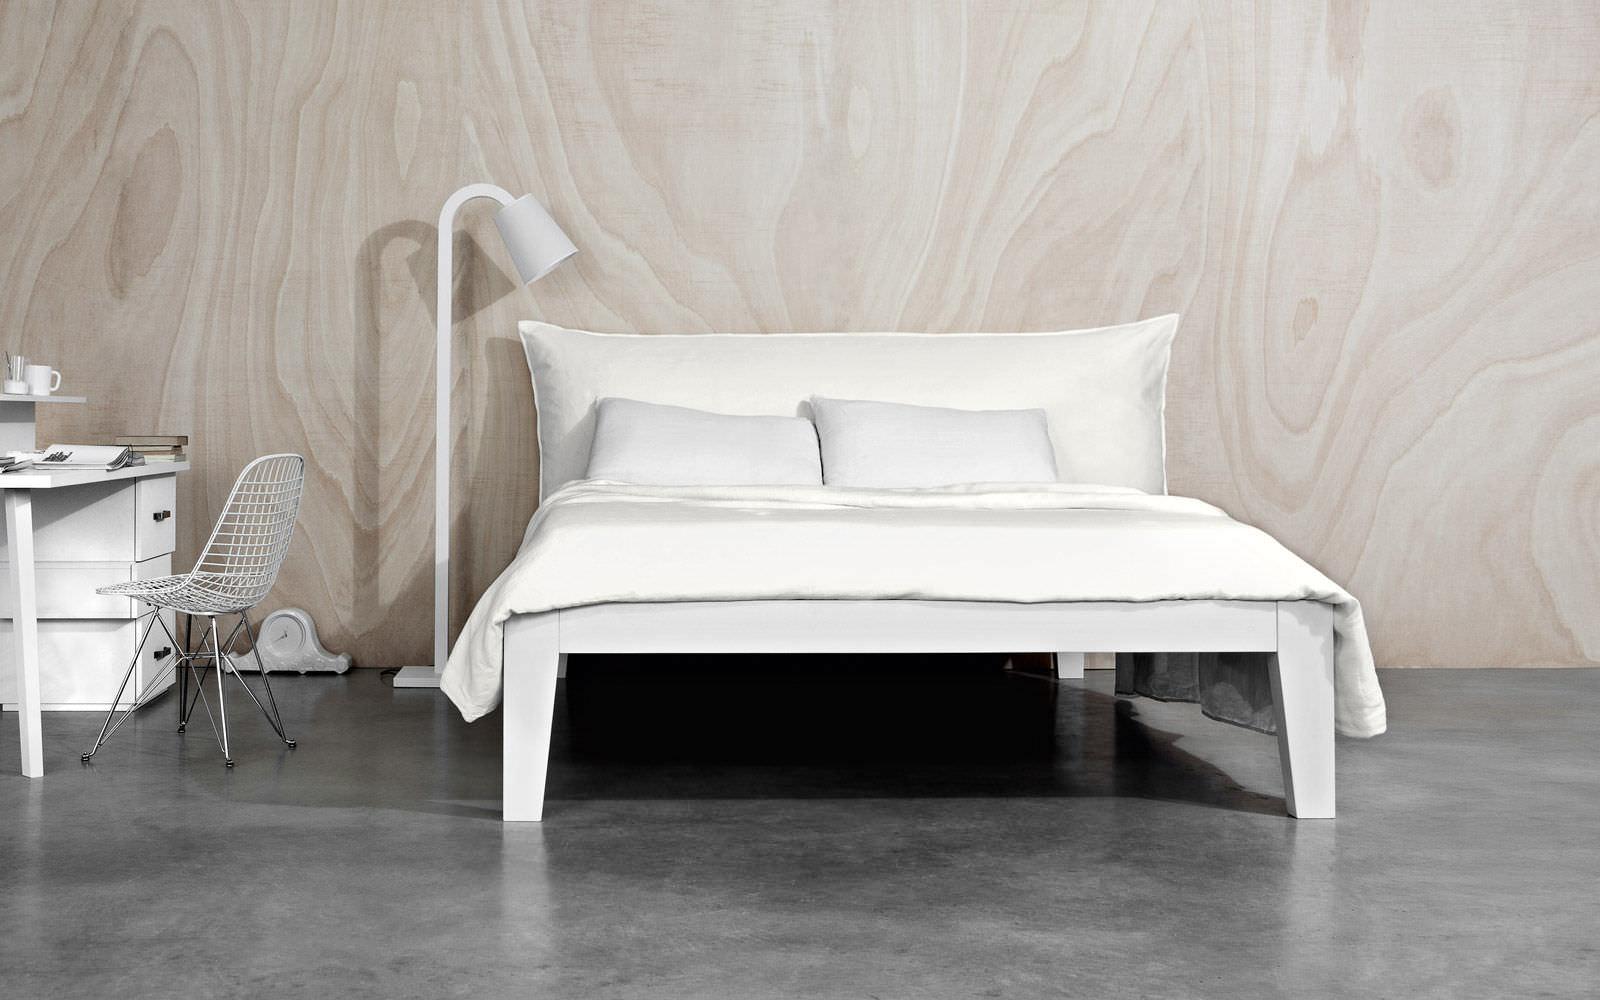 Letto Moderno Bianco.Soft Letto Matrimoniale Moderno In Legno Laccato In Noce By Letti Co Archiexpo